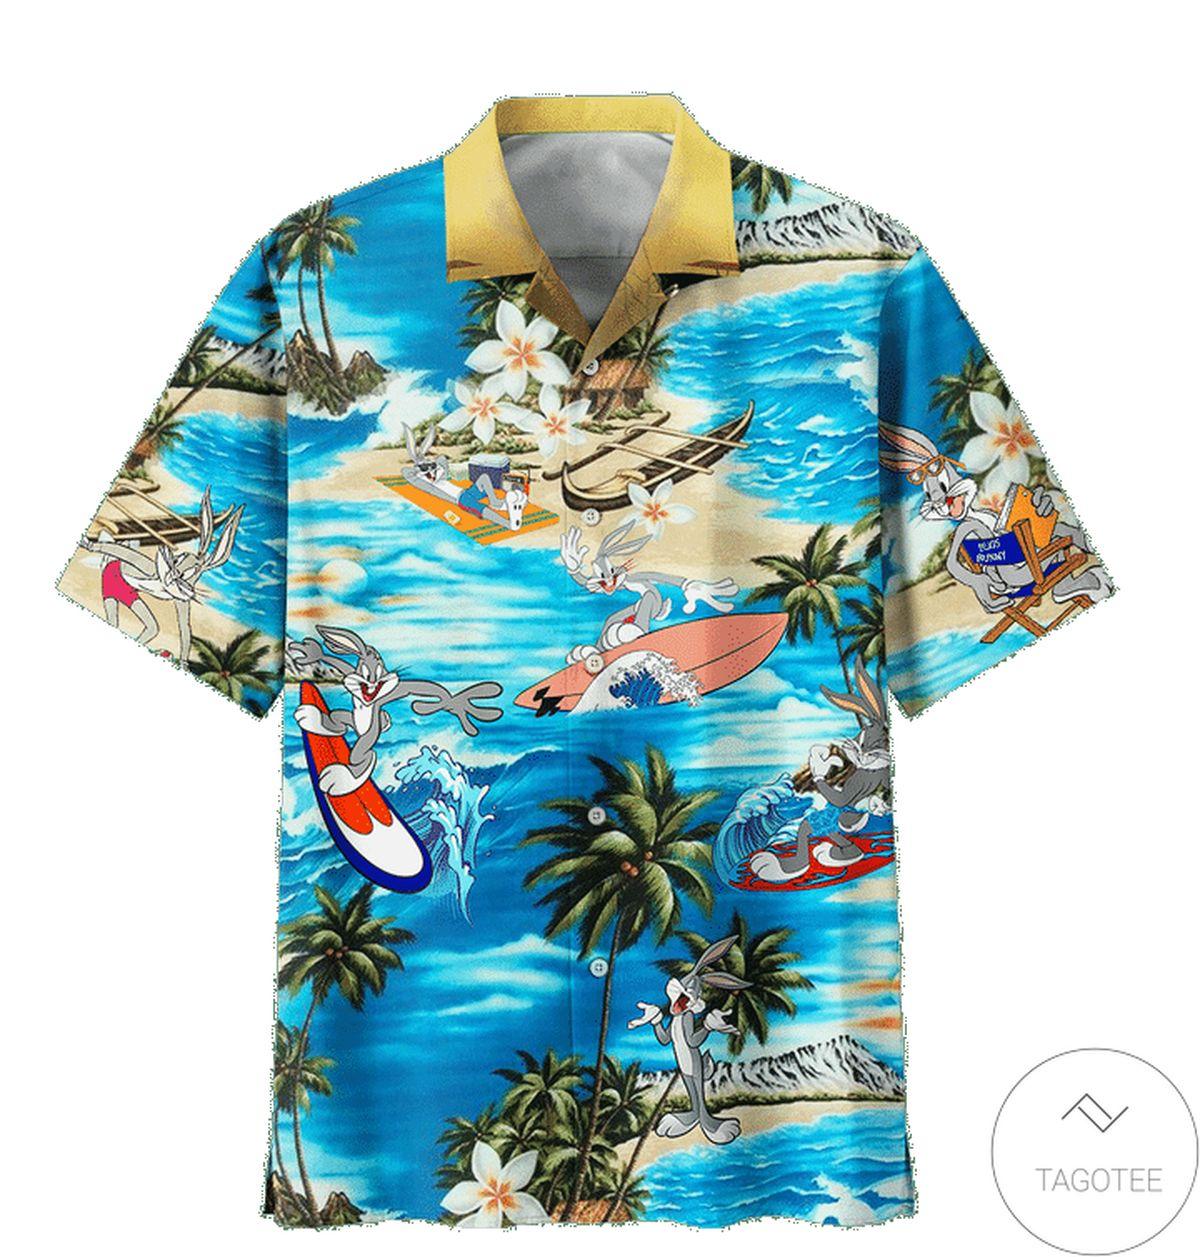 Esty Bugs Bunny Summer Vacation Hawaiian Shirt